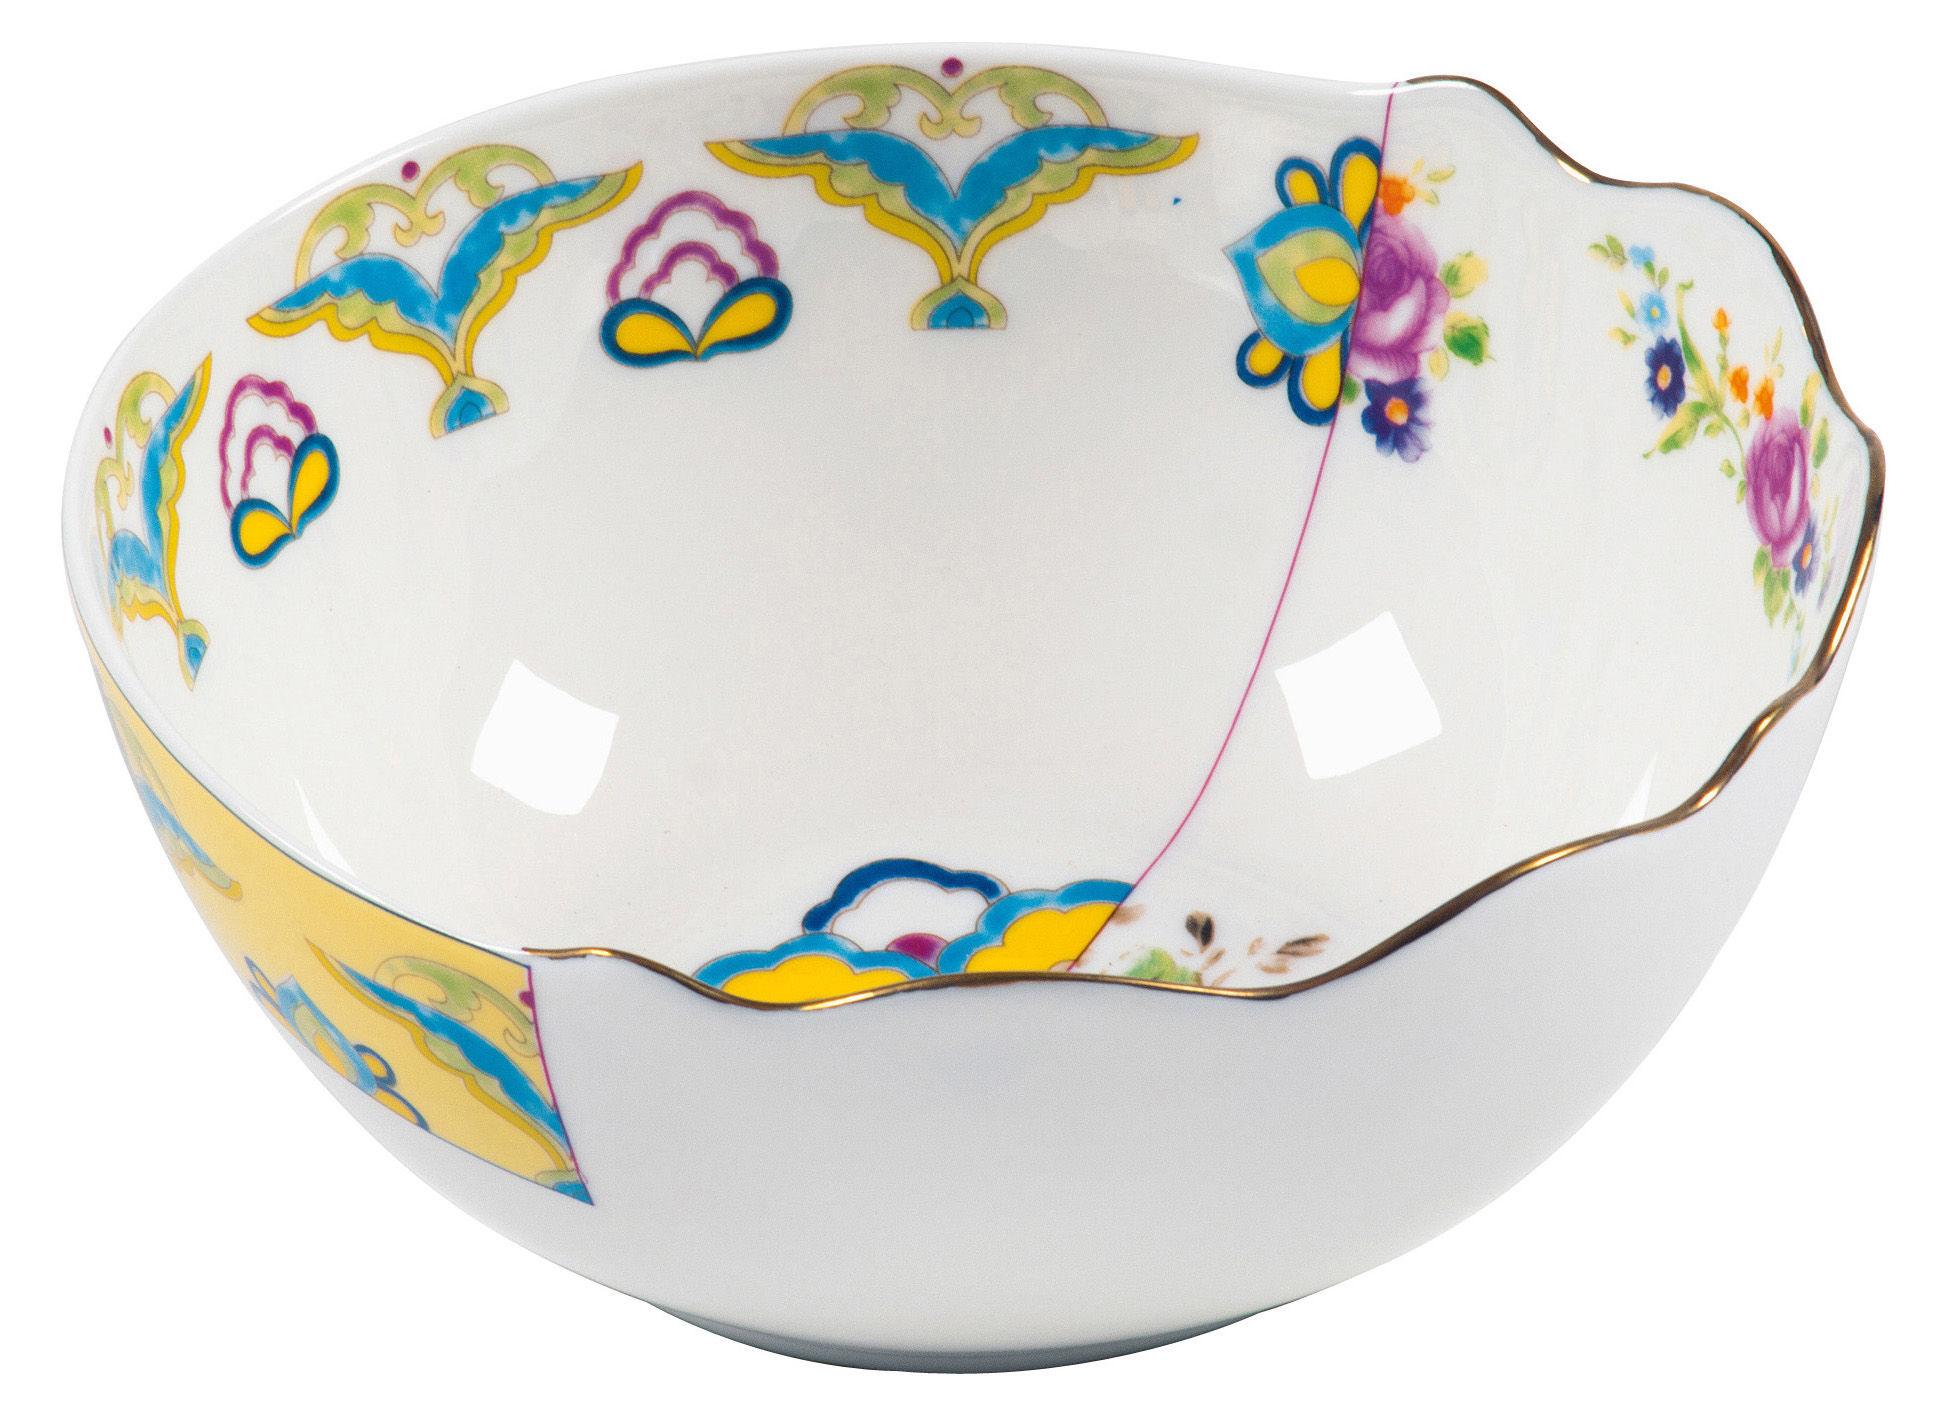 Tavola - Ciotole - Insalatiera Hybrid - Bauci - Ø 19,4 cm di Seletti - Bauci - Ø 19,4 cm - Porcellana